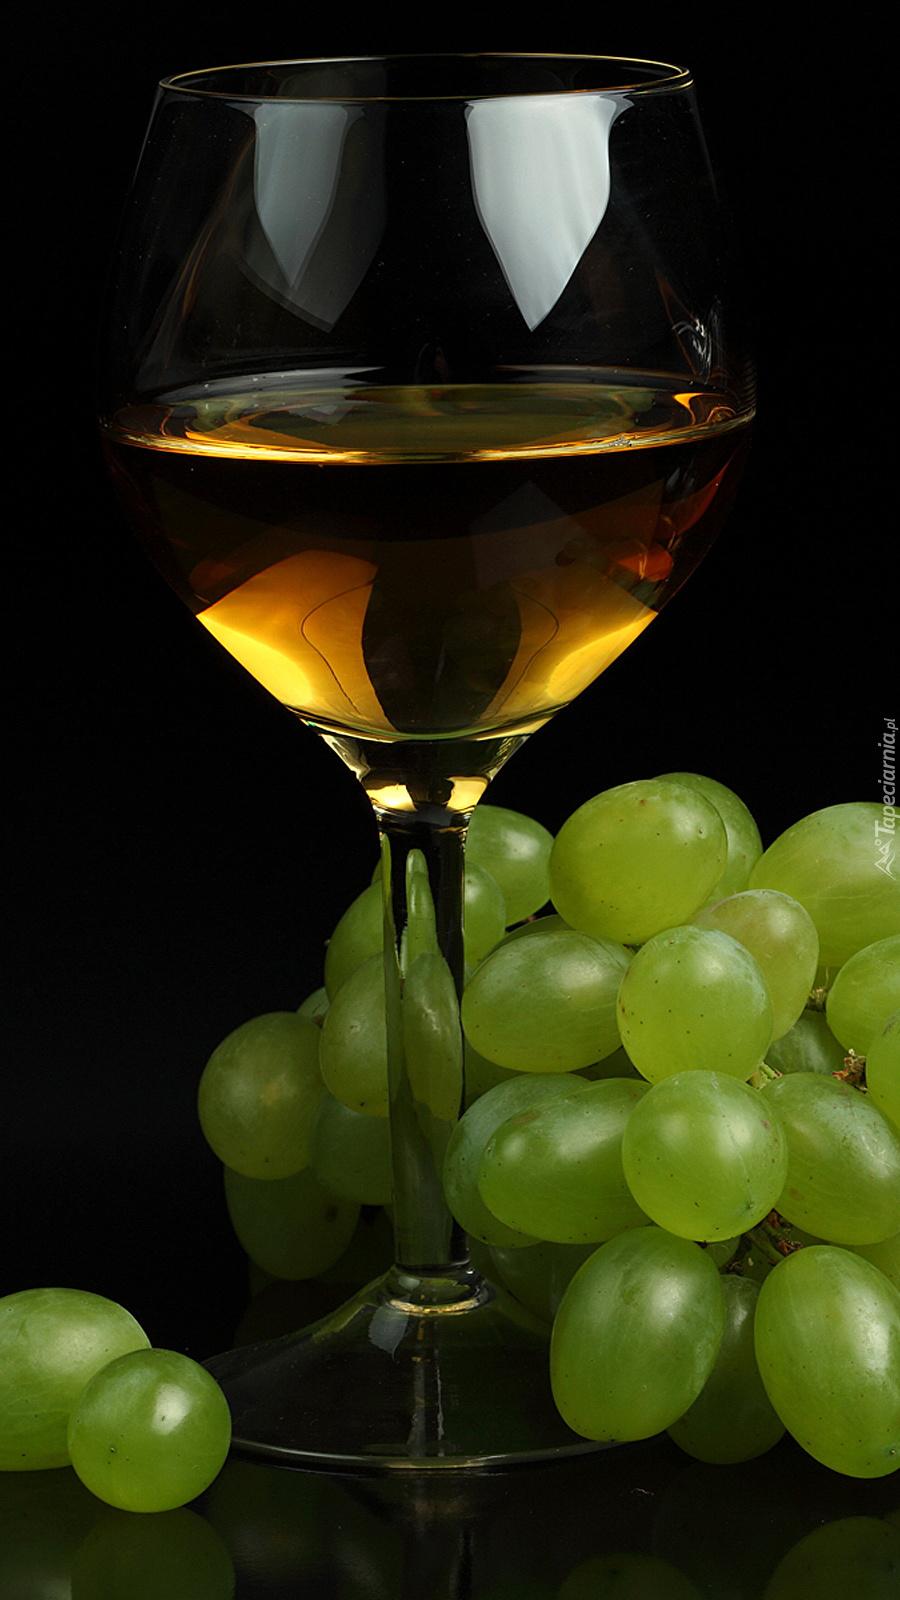 Winogrona obok kieliszka z winem